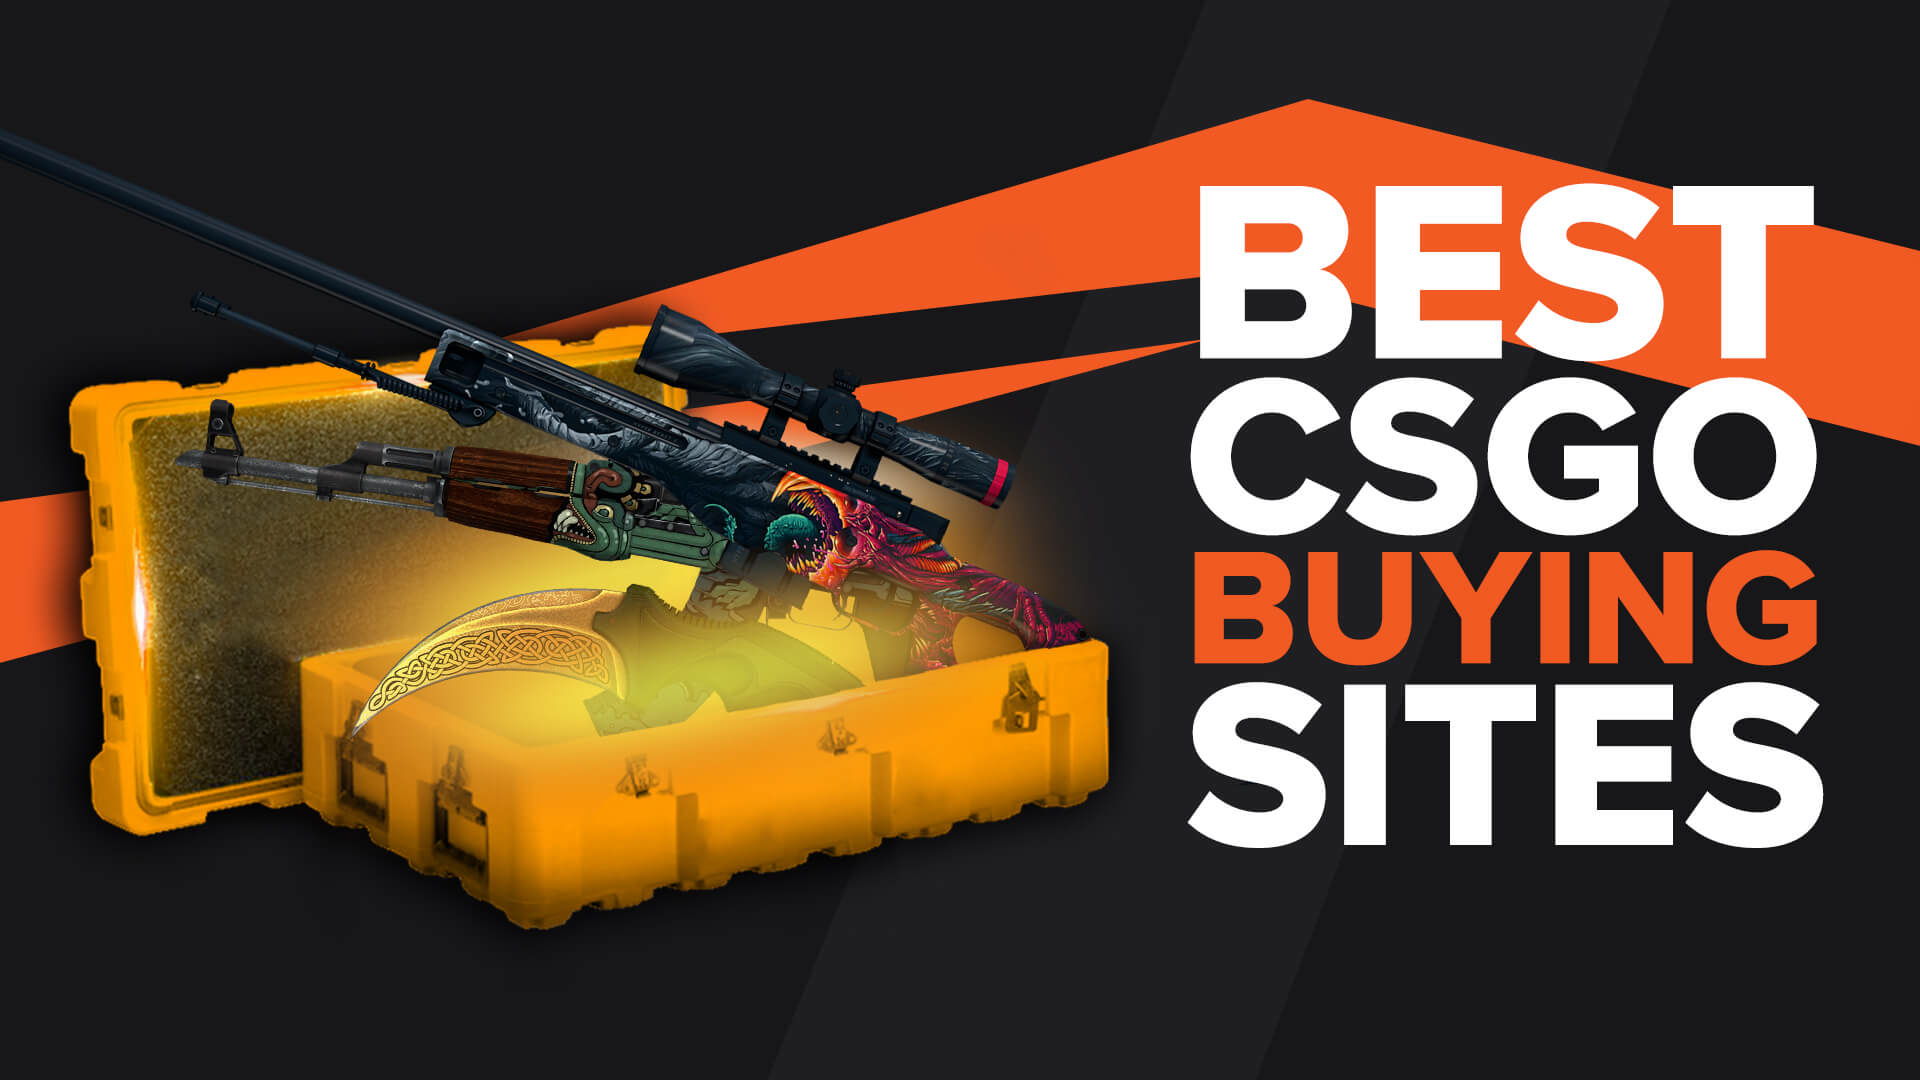 Best CSGO Buying sites